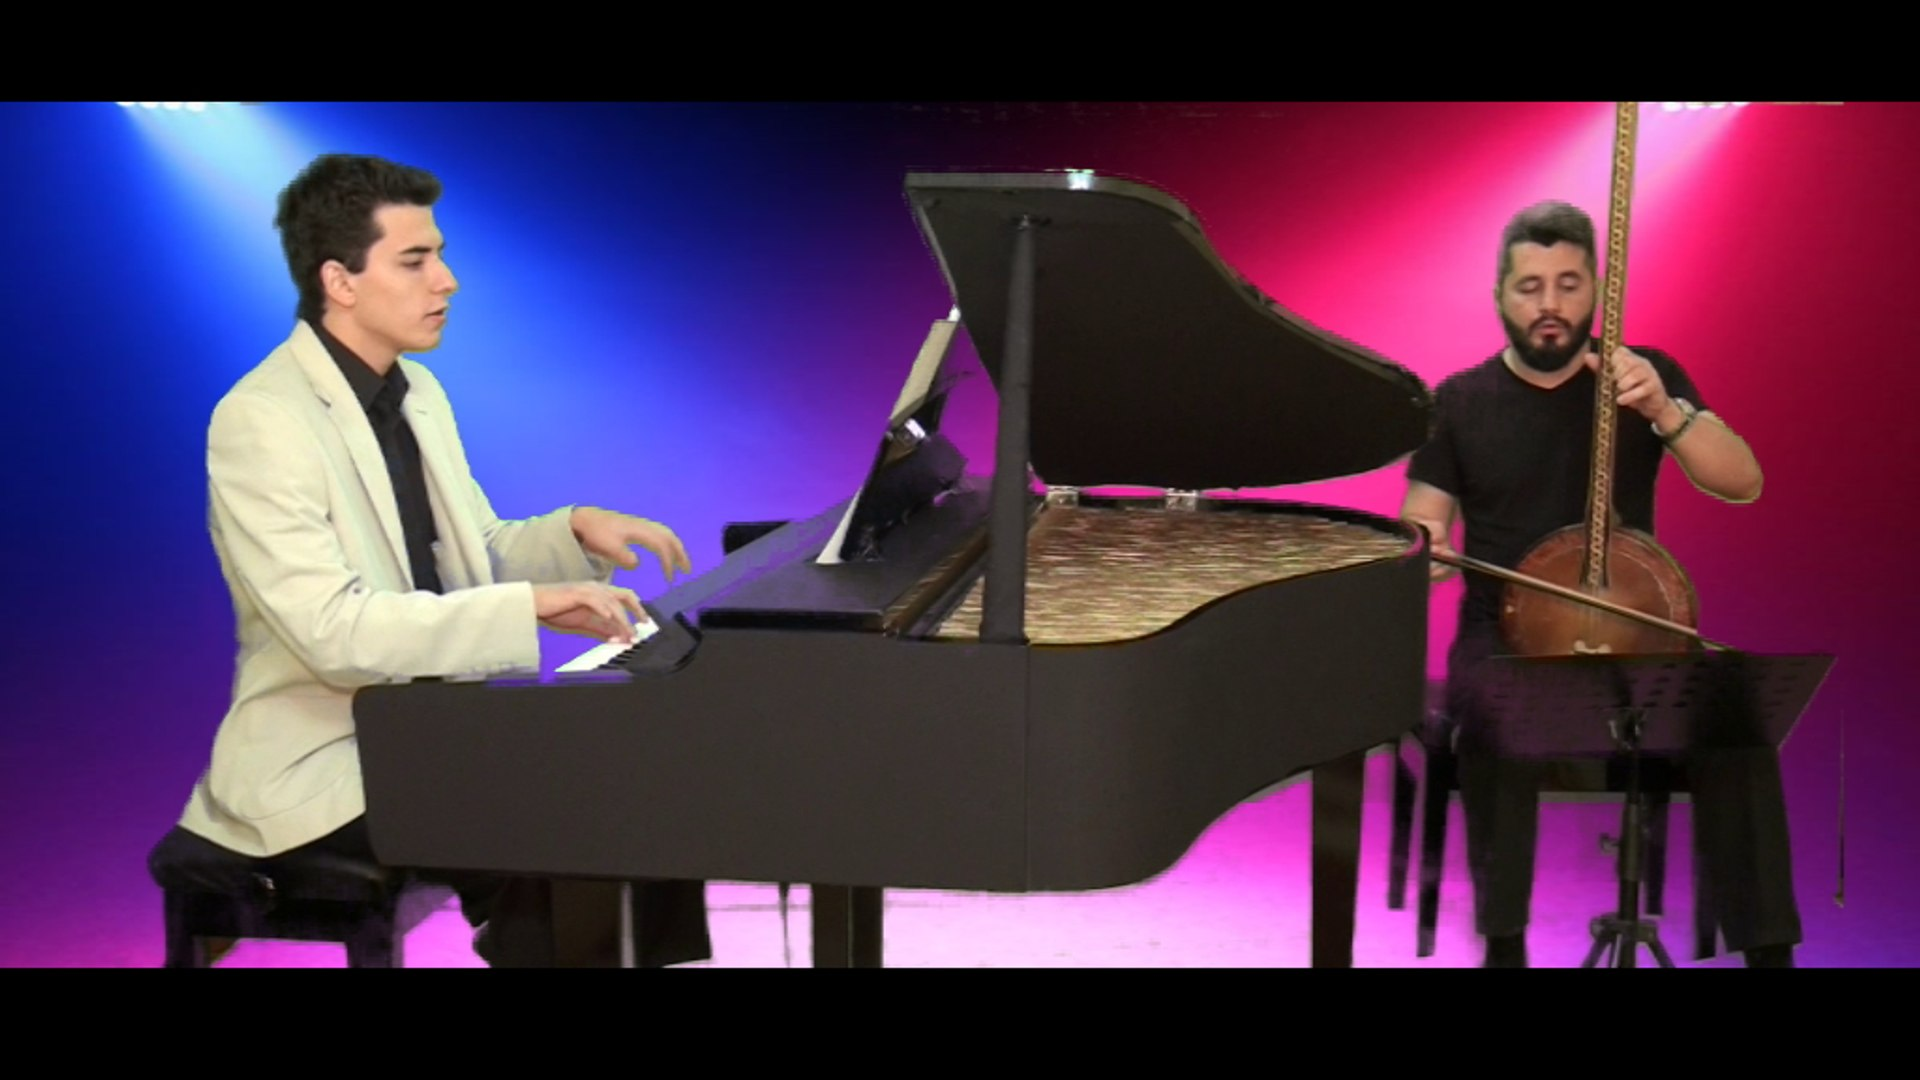 ALİ ALMIŞ SANCAĞINI Yaylı Tambur Piyano Düeti Türk Musikisi Sazları Muhammed Mustafa İlahileri Dini